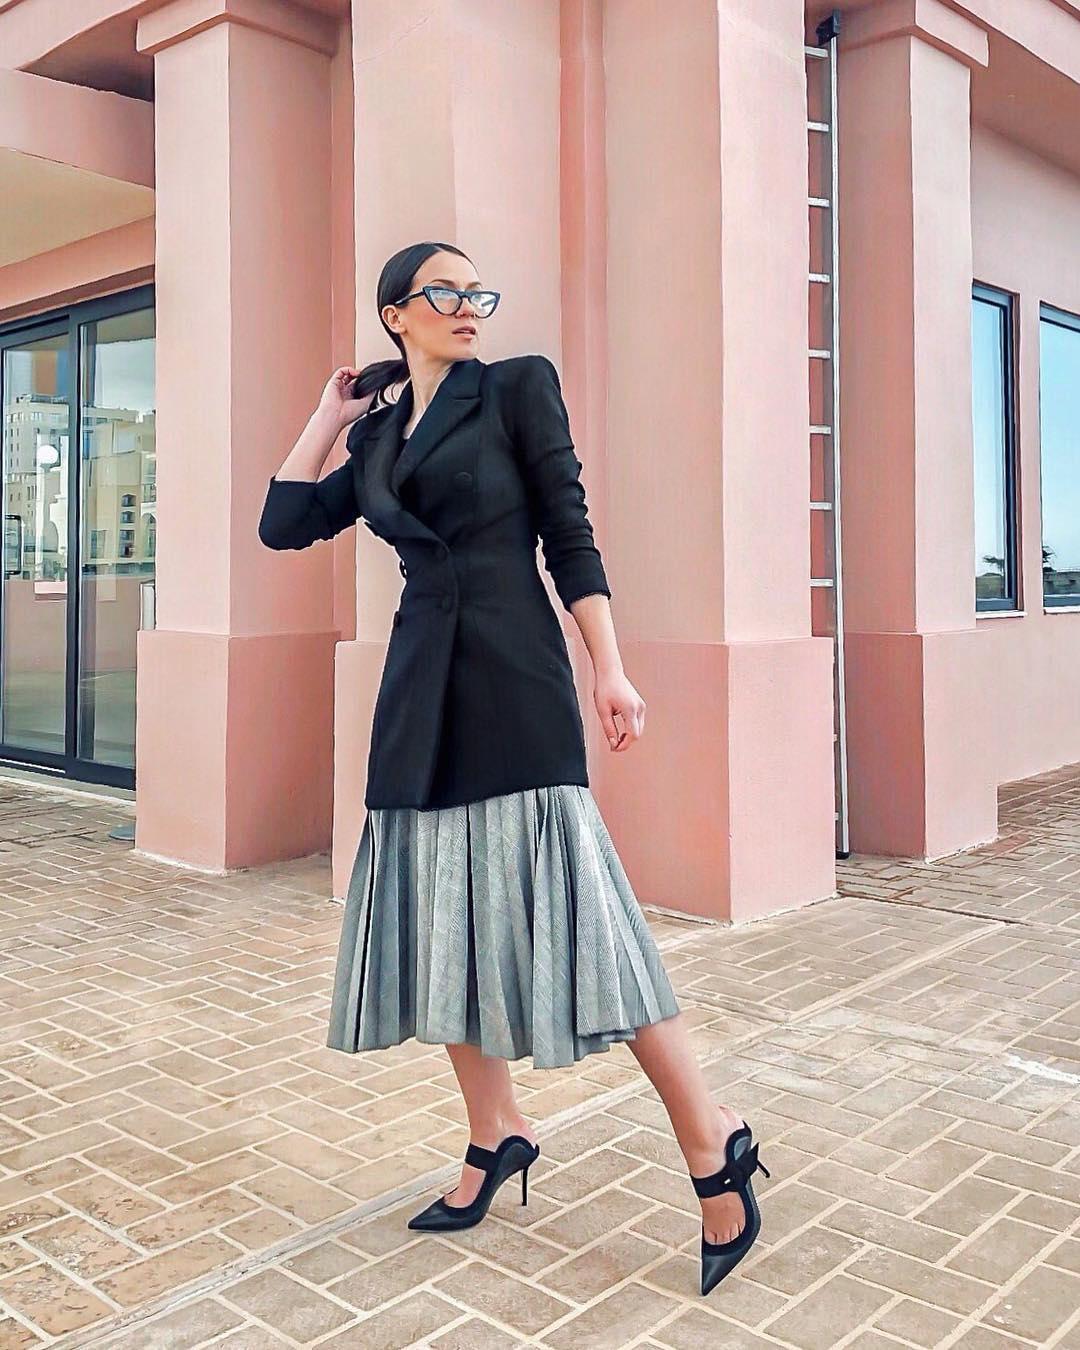 модные образы для деловых женщин осени 2019 фото 6